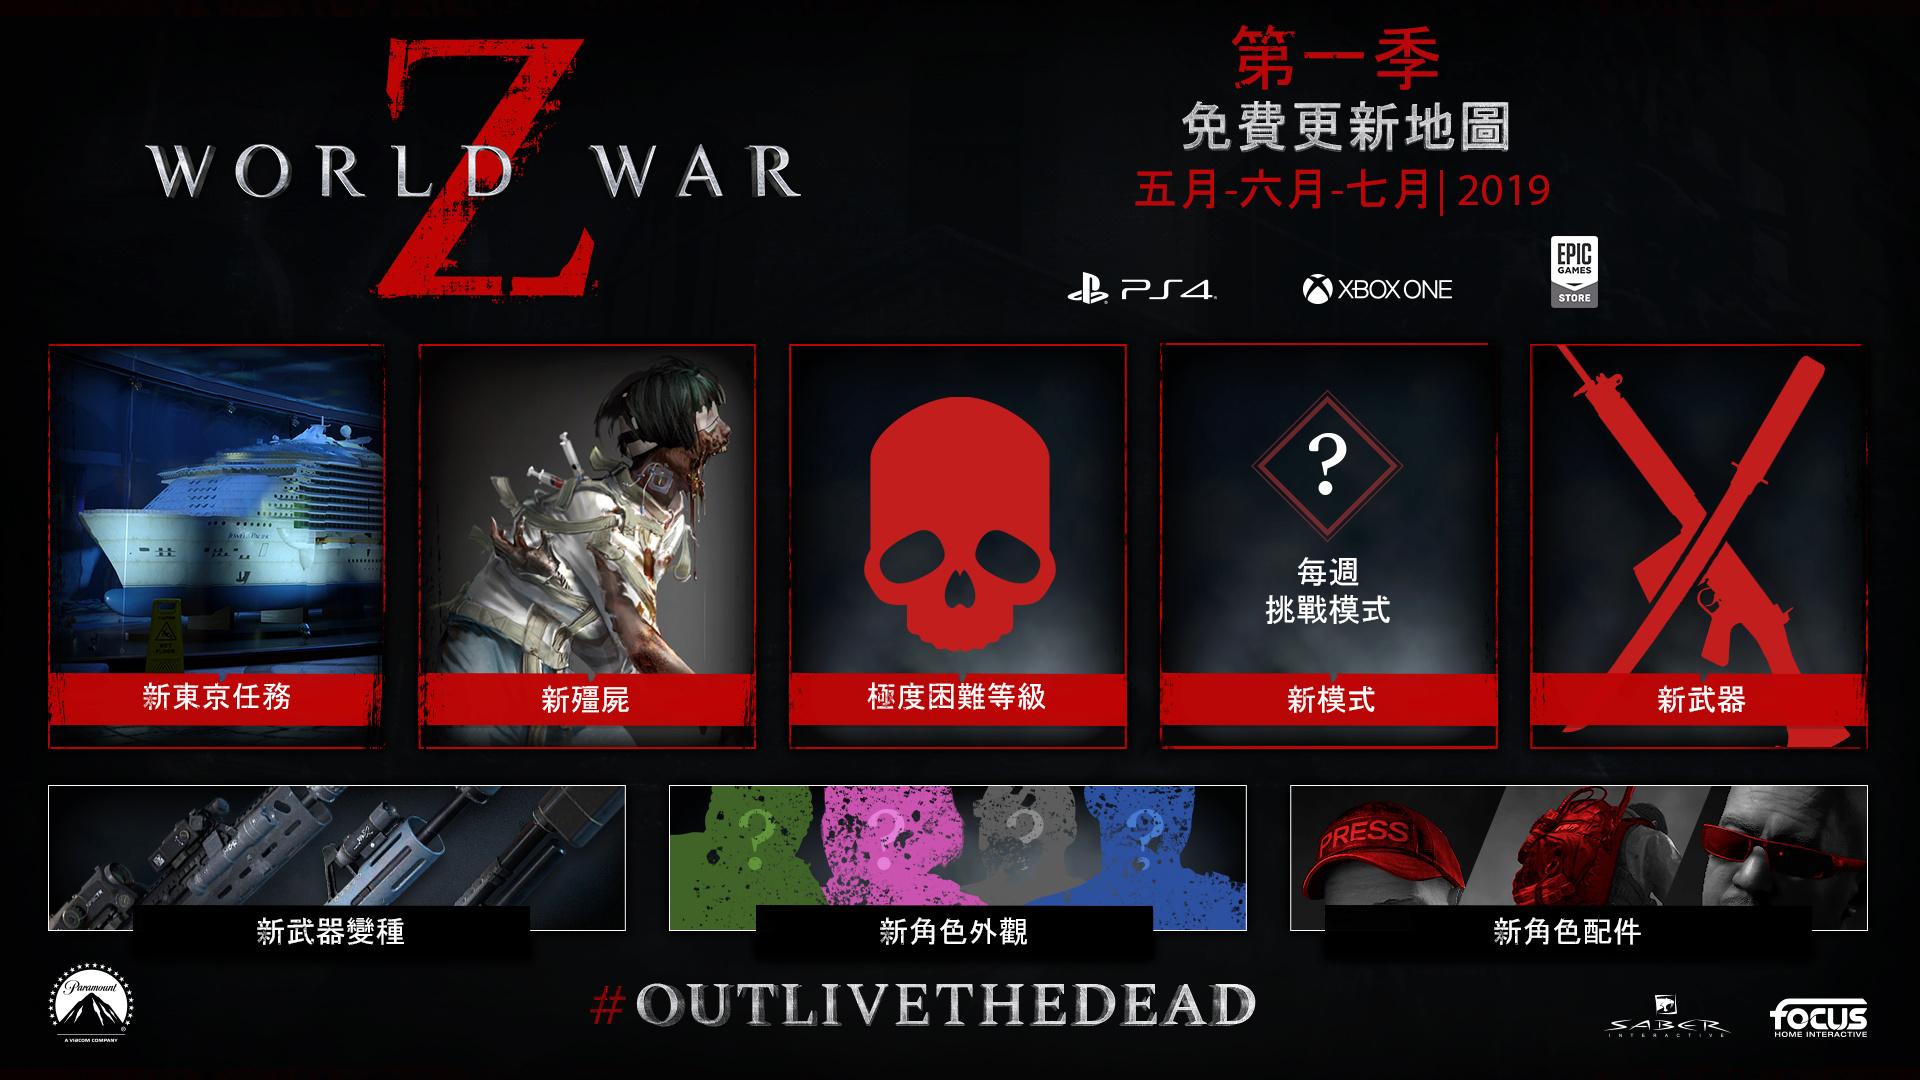 《末日之戰 (WORLD WAR Z)》公開 PLAYSTATION®4 & XBOX ONE平台  第二階段更新內容 0013